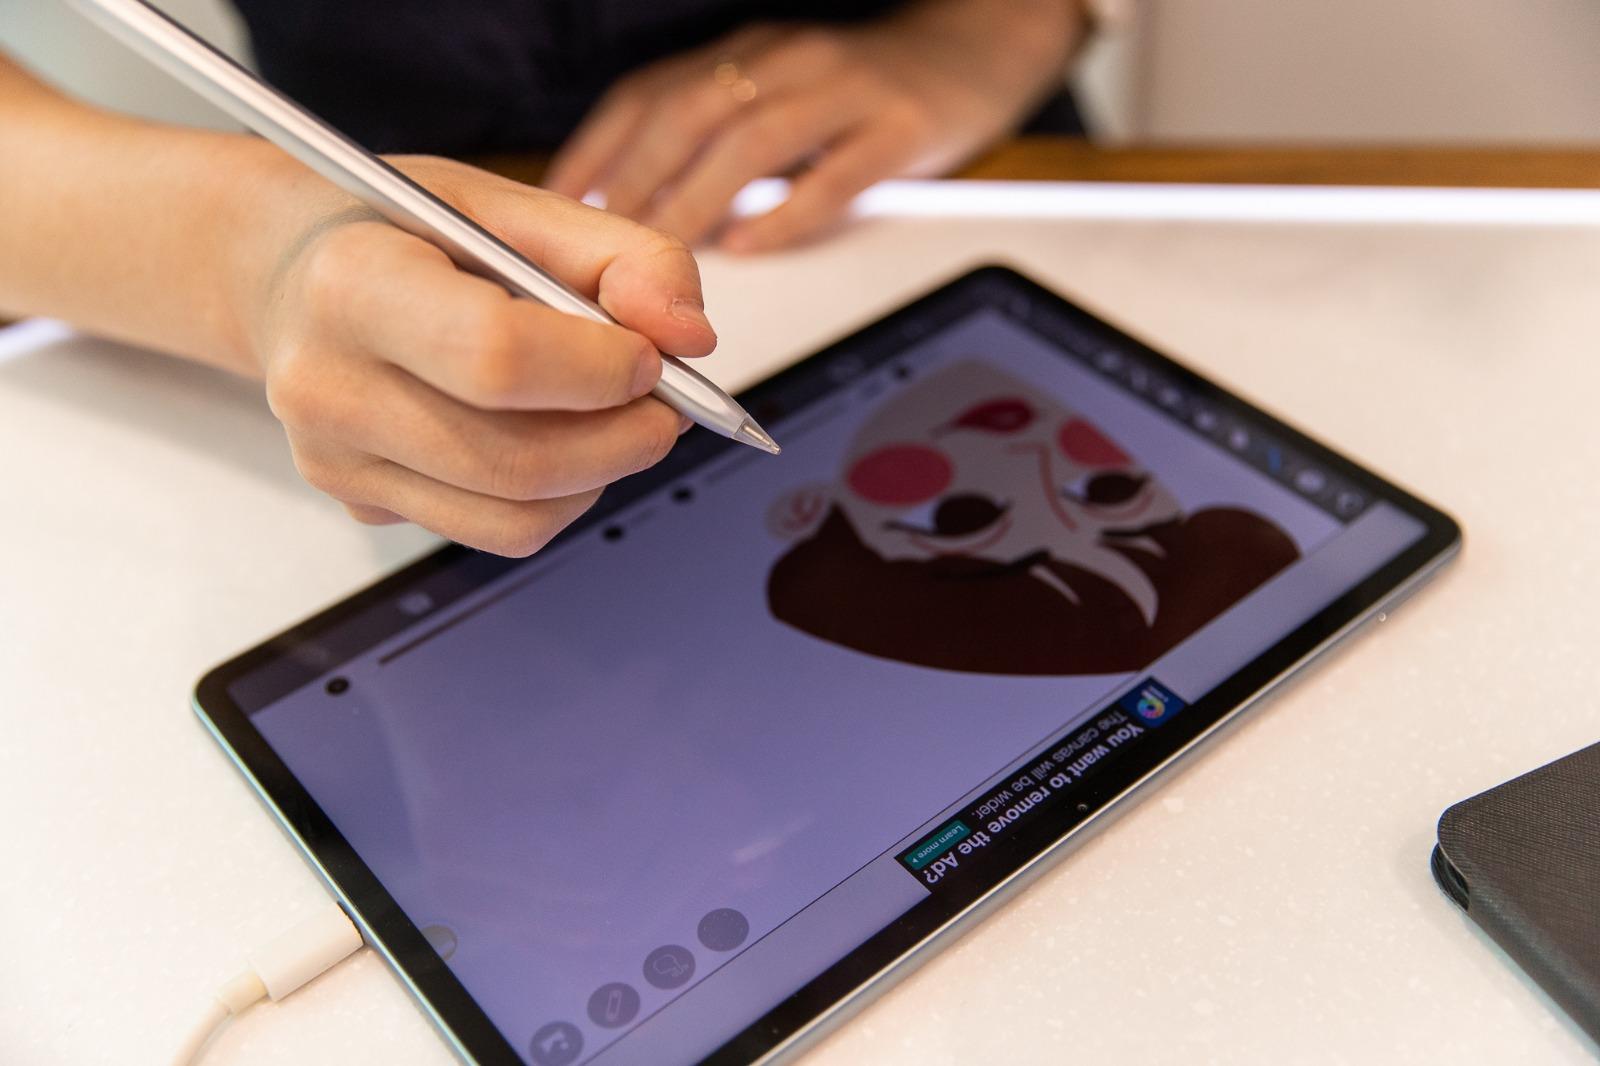 Capacitățile grafice ale noii tablete HUAWEI MatePad 11 dovedite în cadrul unui workshop de ilustrație digitală